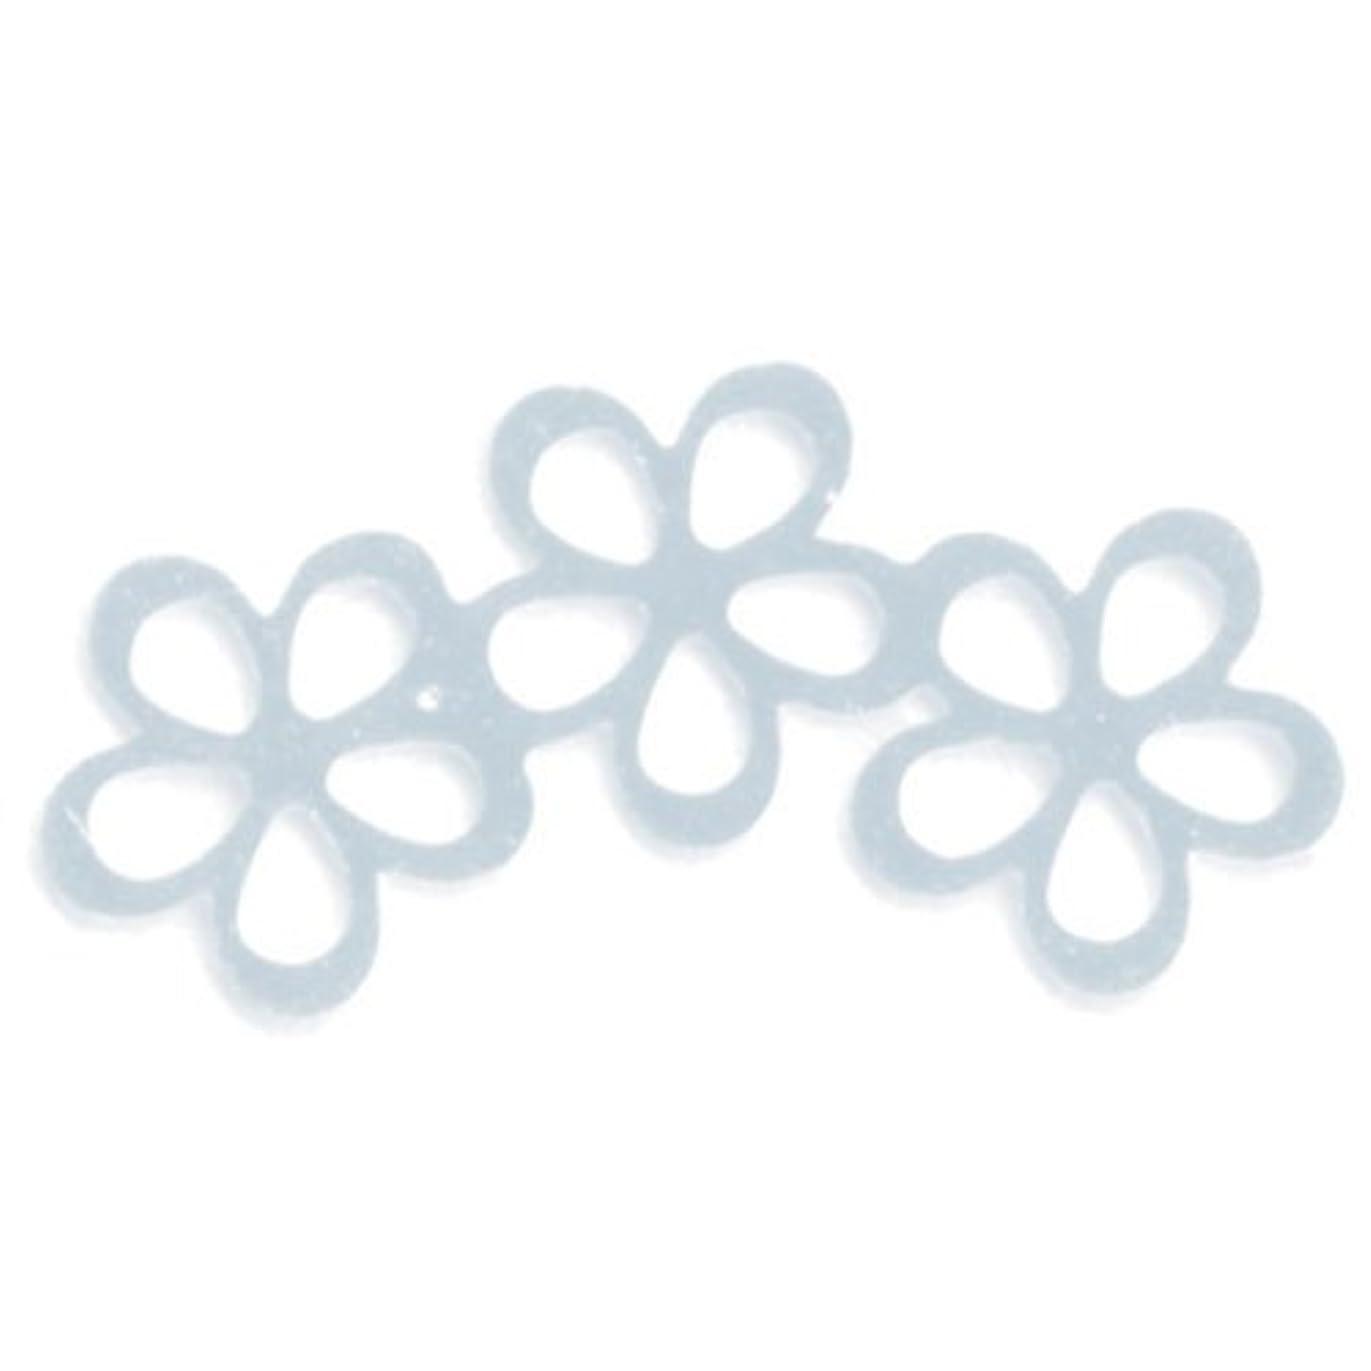 免除なぞらえるパウダーリトルプリティー ネイルアートパーツ シャイニーフラワー3連スカシ シルバー 10個